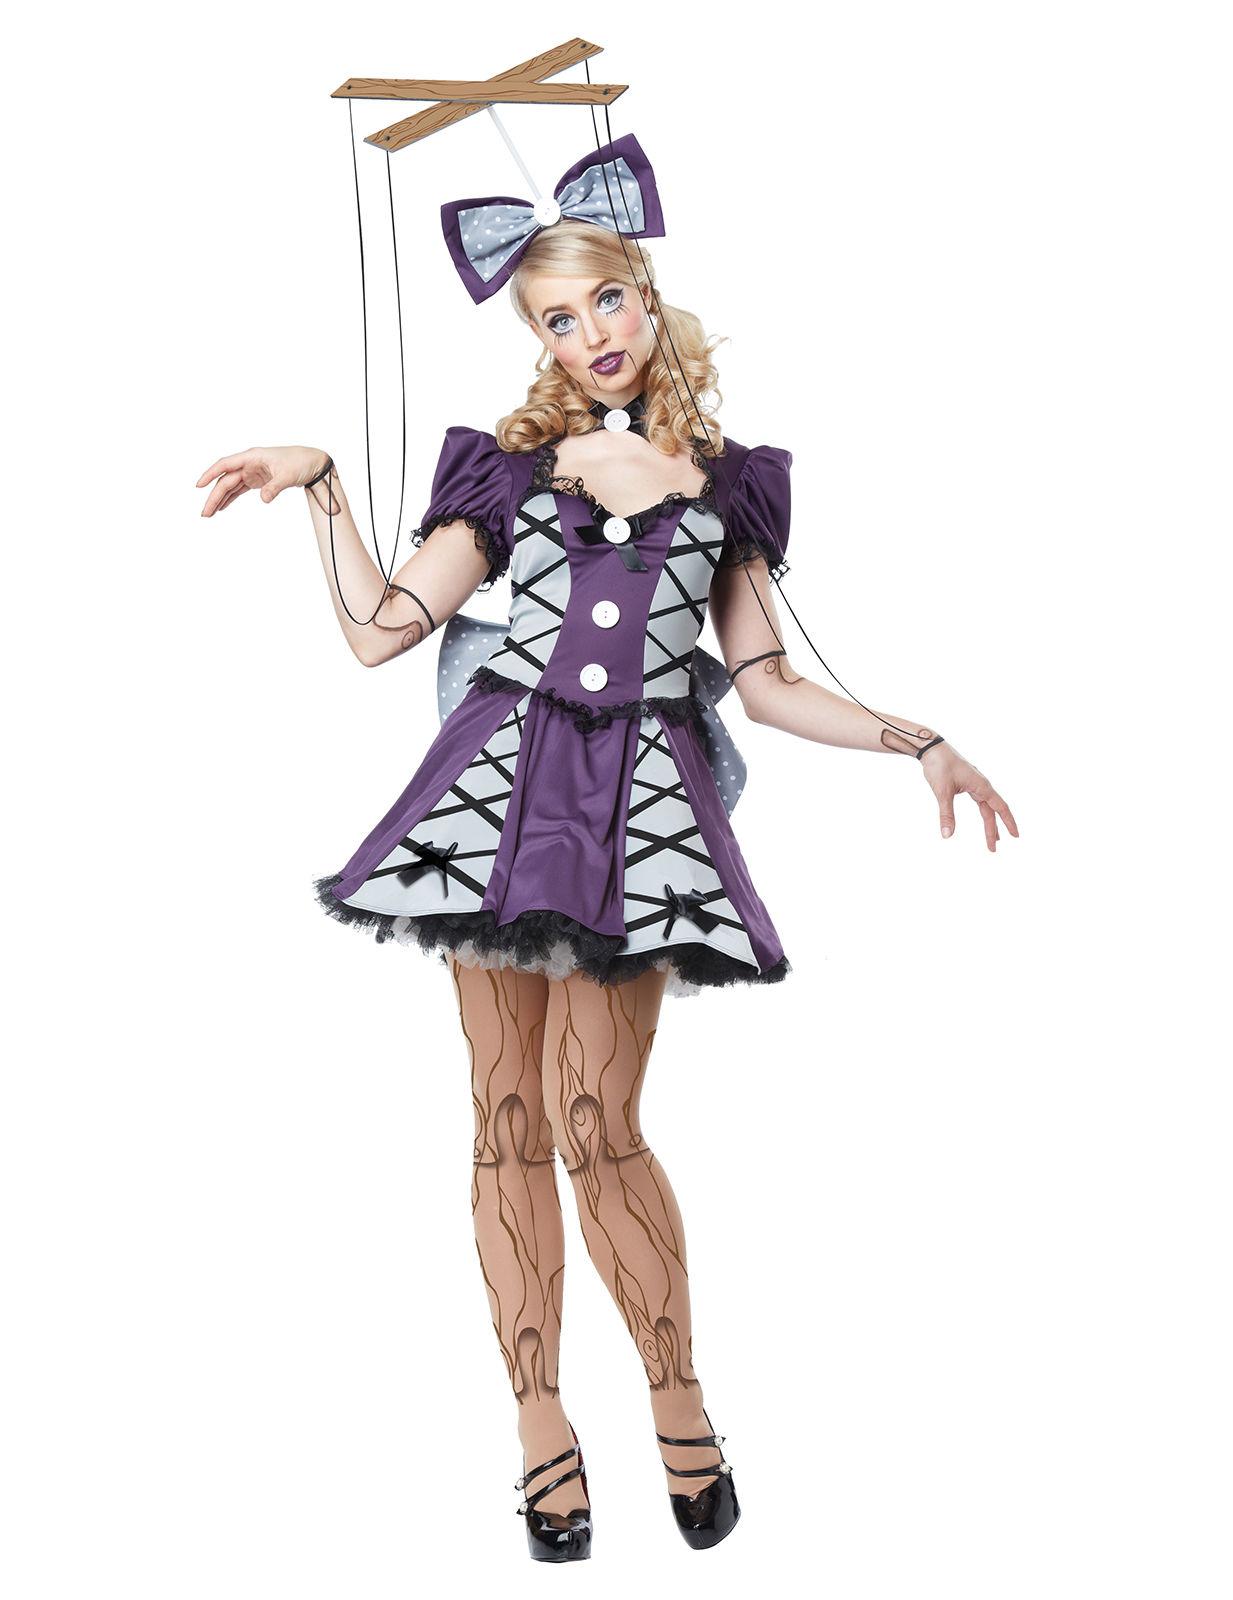 Söt marionett - Halloweenkostym för vuxna 7ff4a7c4d05c4